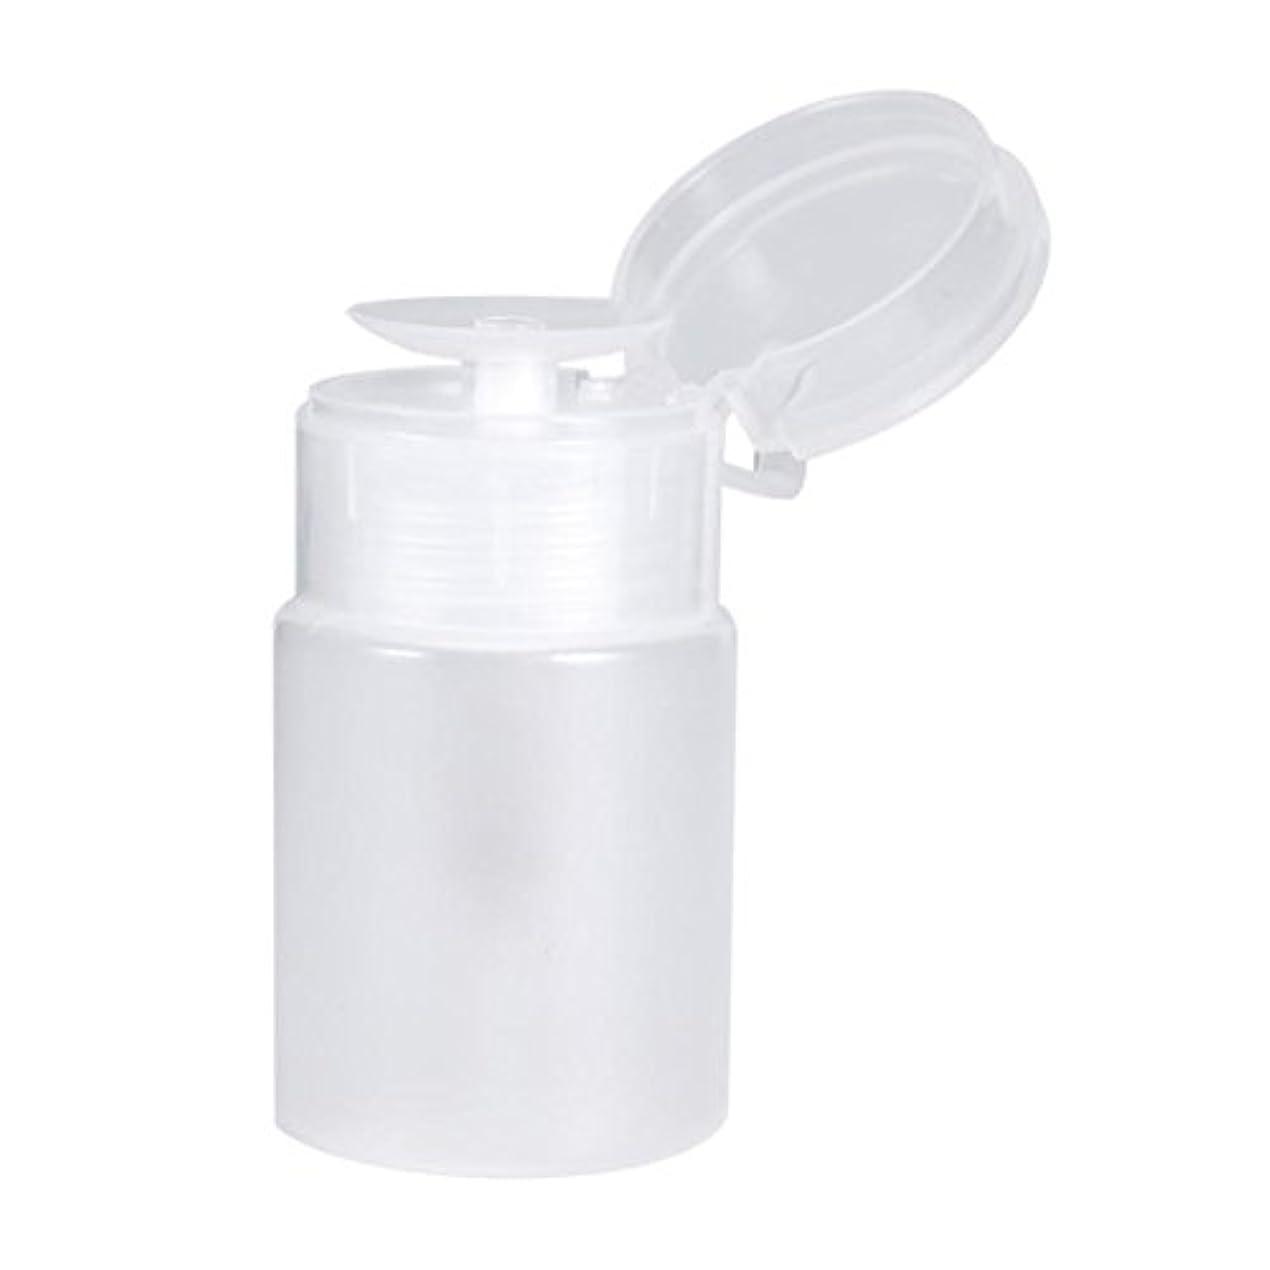 スリムトランザクション頼るネイルディスペンサーボトル、プッシュダウンディスペンサーネイルポリッシュリムーバーポンプ空のボトルディスペンサー液体ボトル容器60ミリリットル(白)